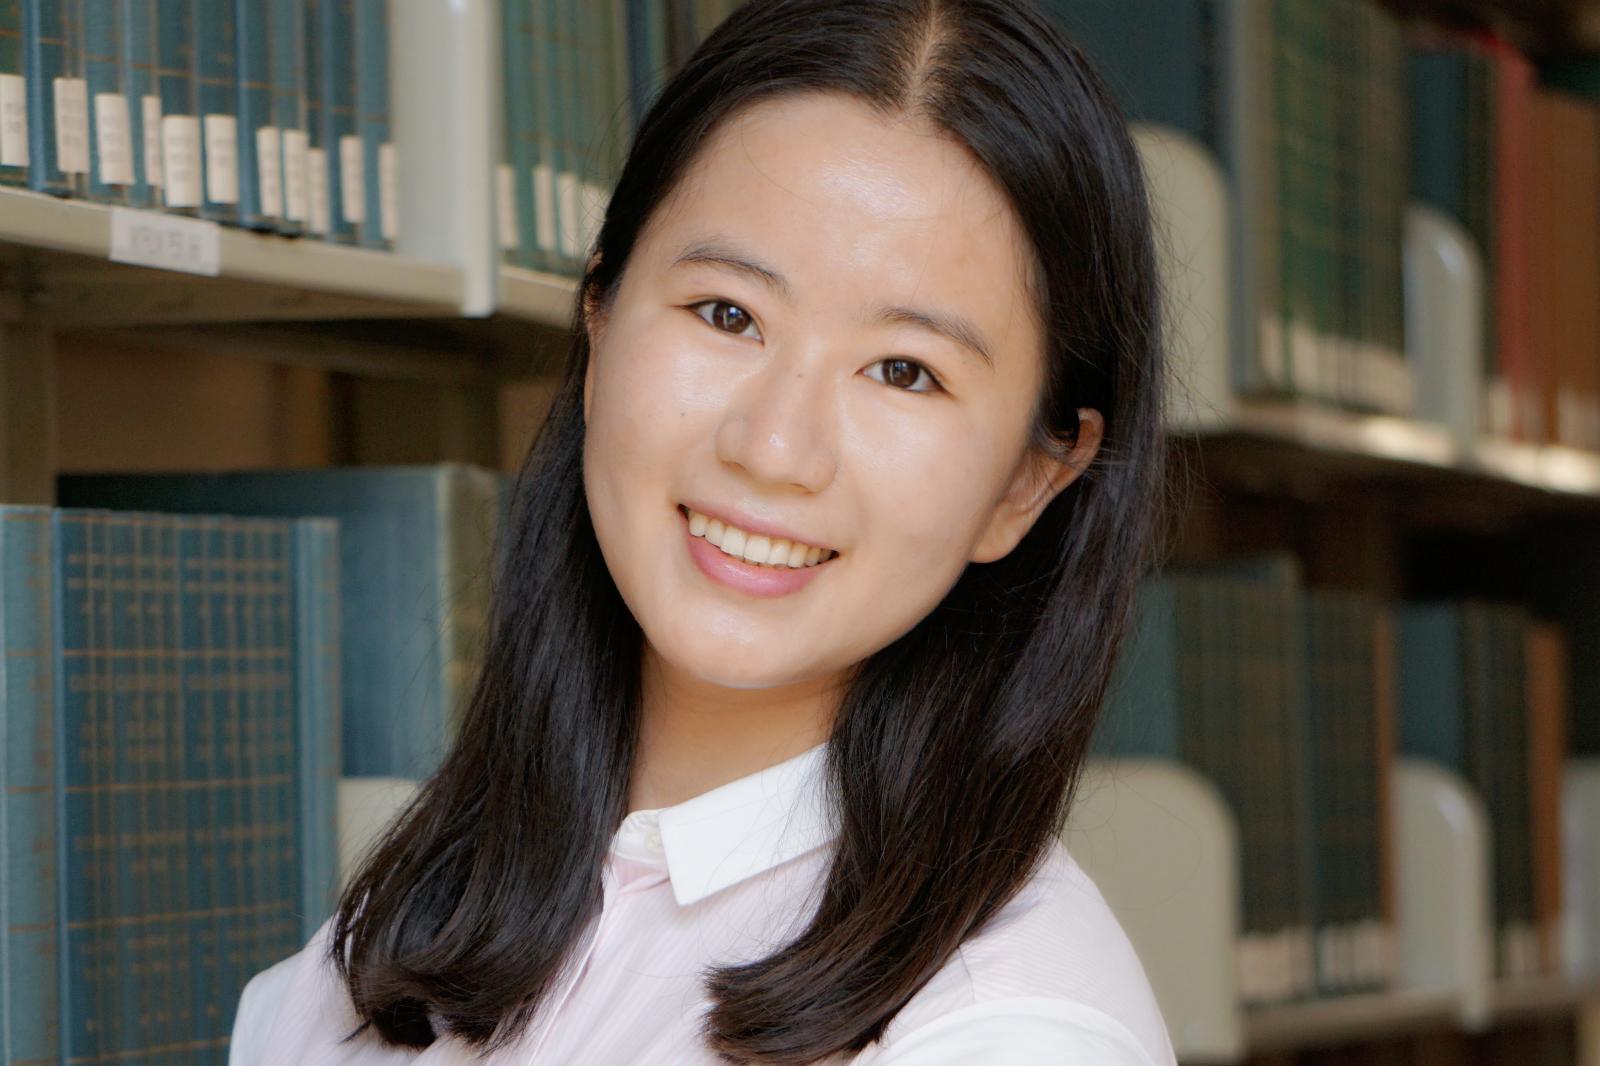 Miss Kechen Dong